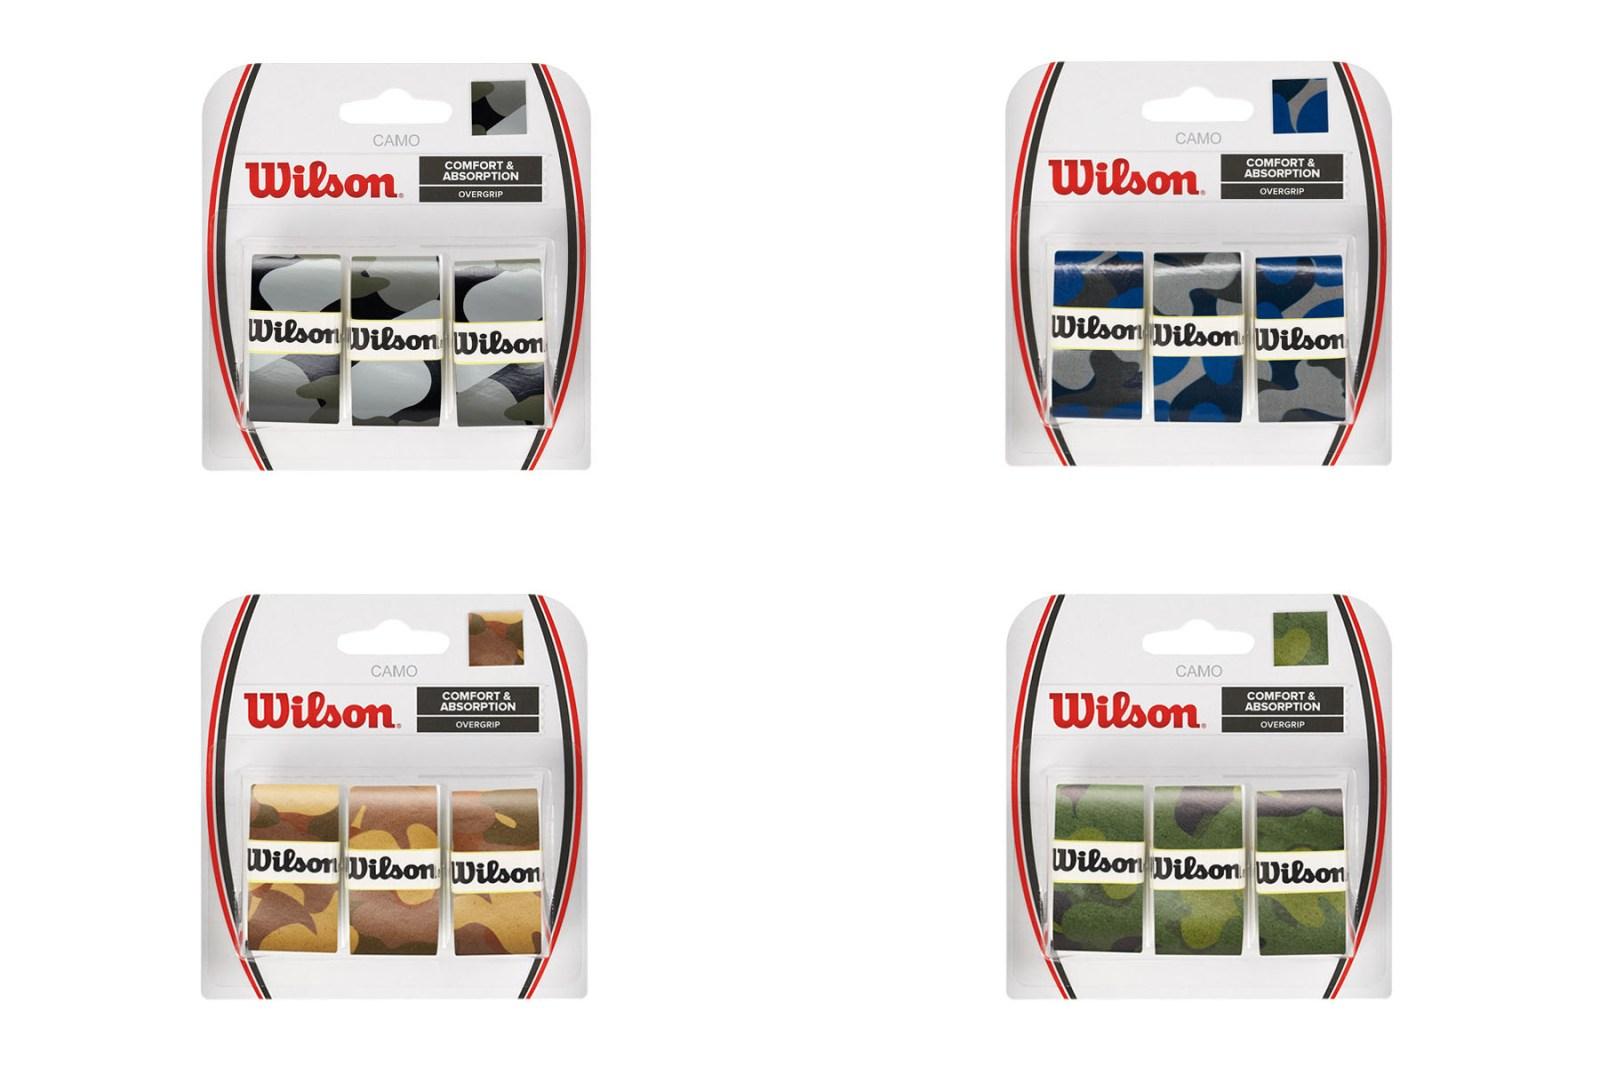 Wilson 全新「CAMO」迷彩系列正式发布